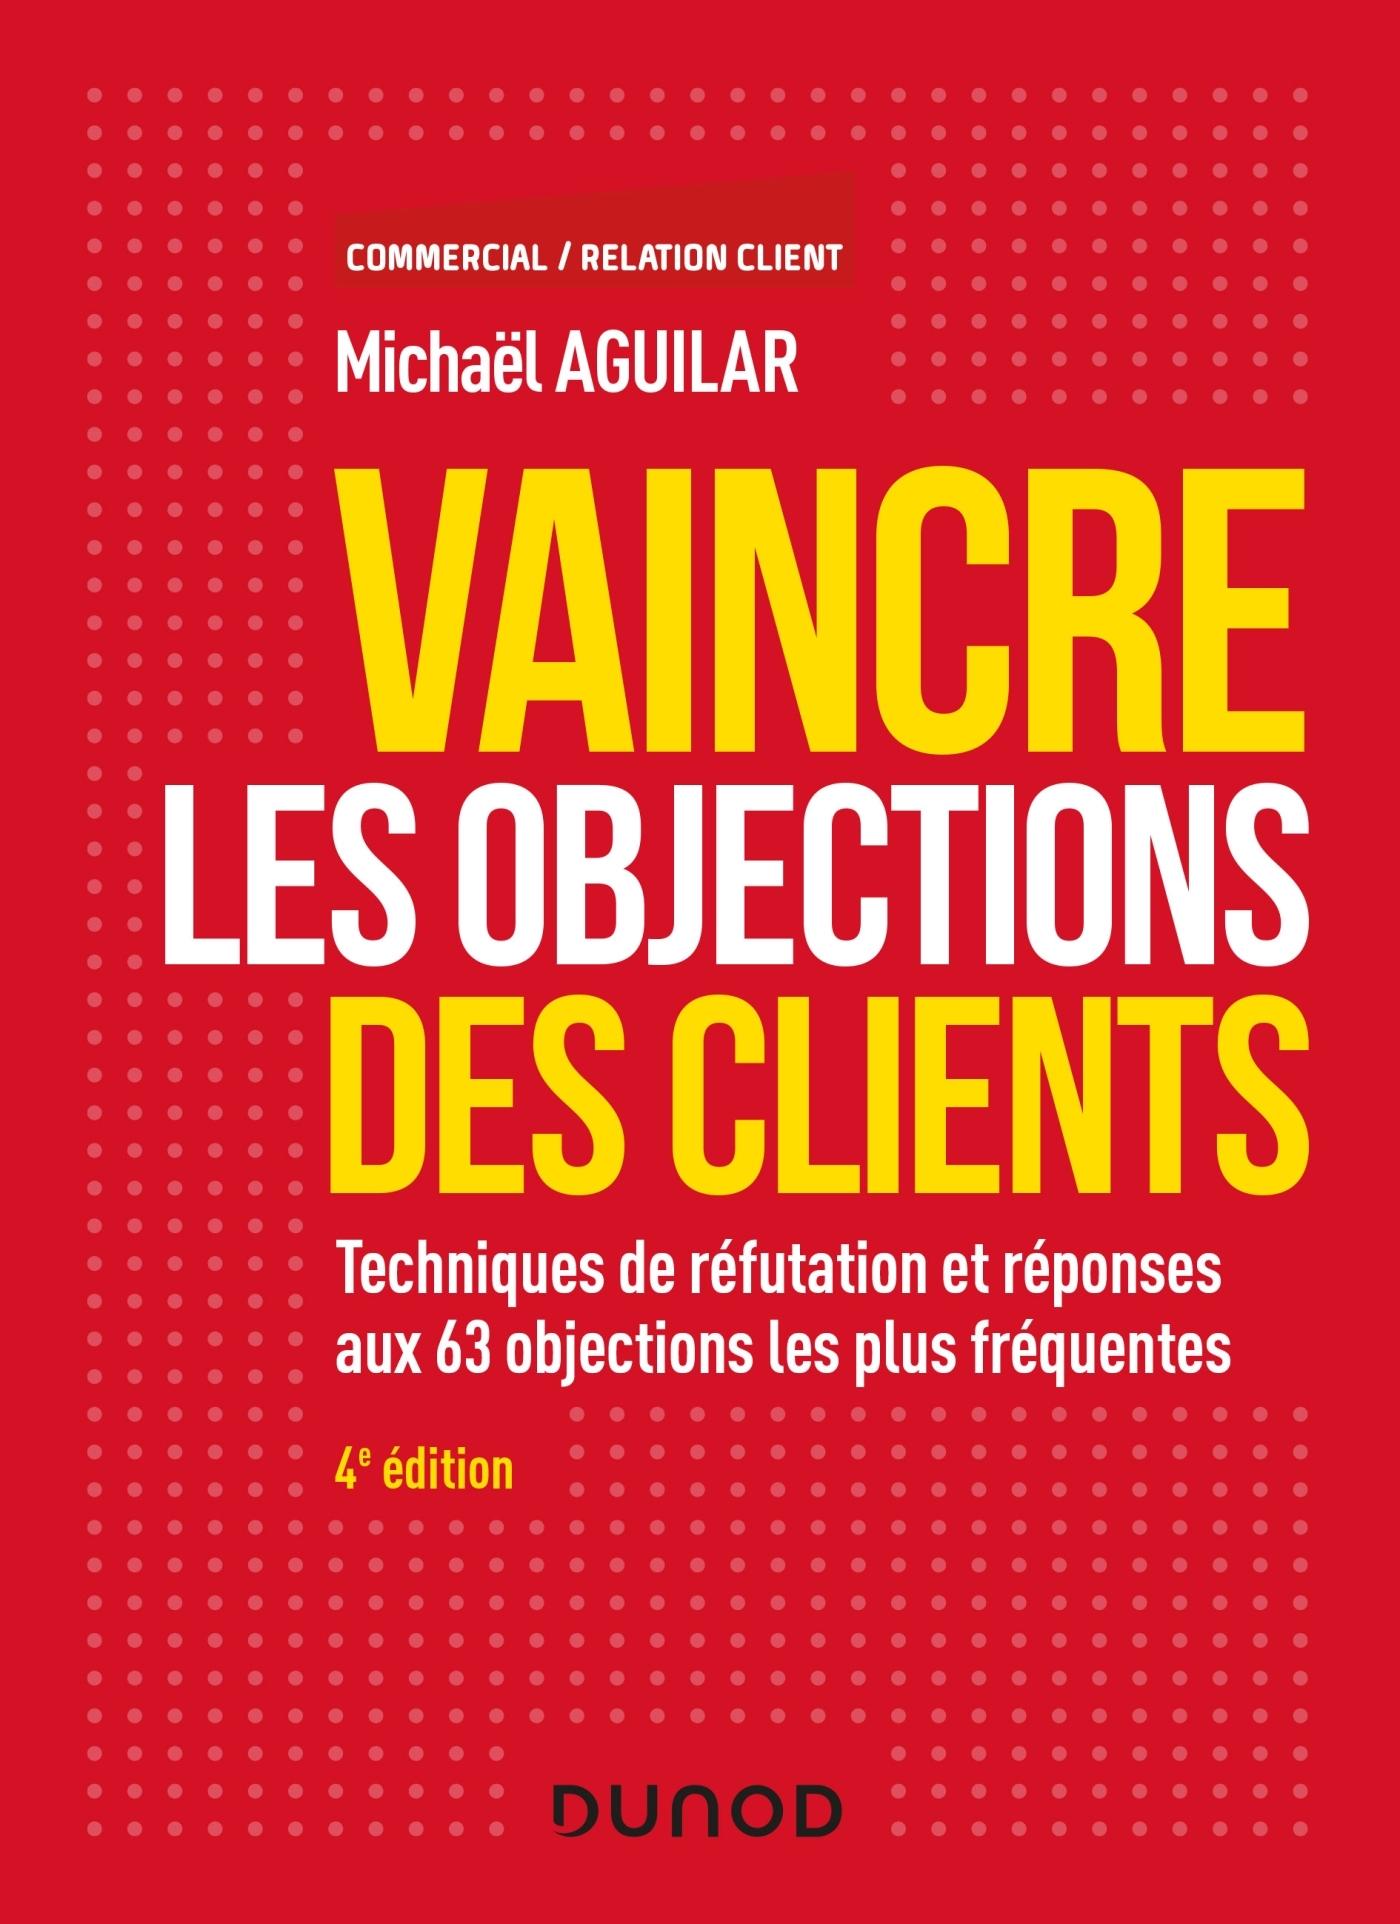 VAINCRE LES OBJECTIONS DES CLIENTS - 4E ED. -  TECHNIQUES DE REFUTATION ET REPONSES AUX 60 OBJECTION